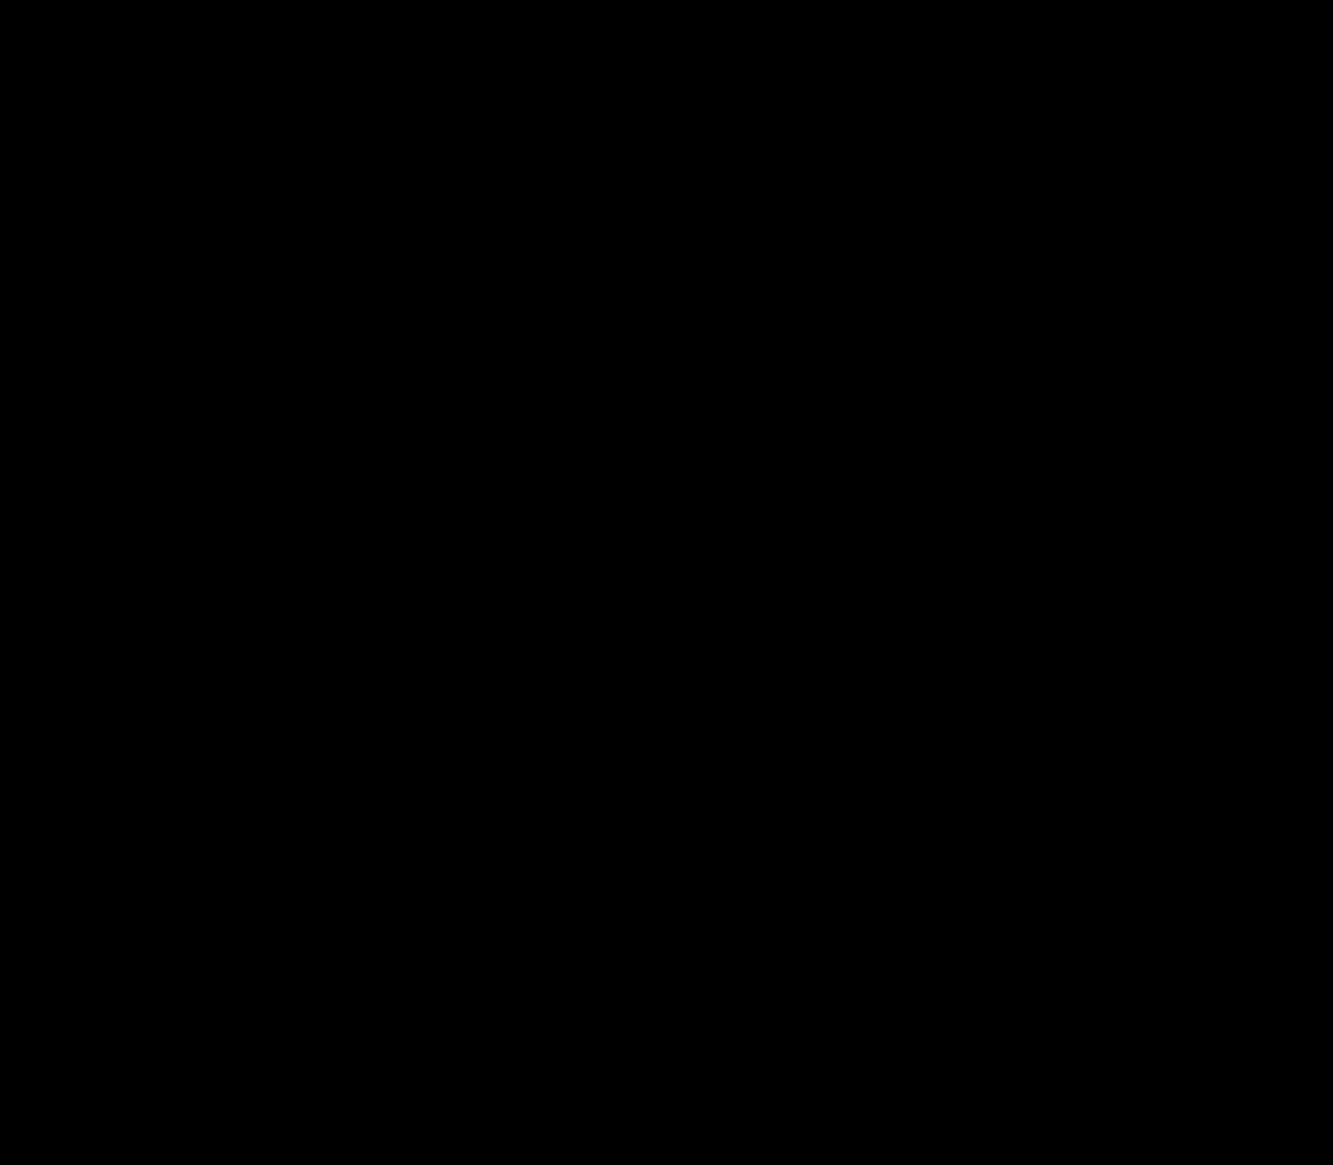 Maytansine